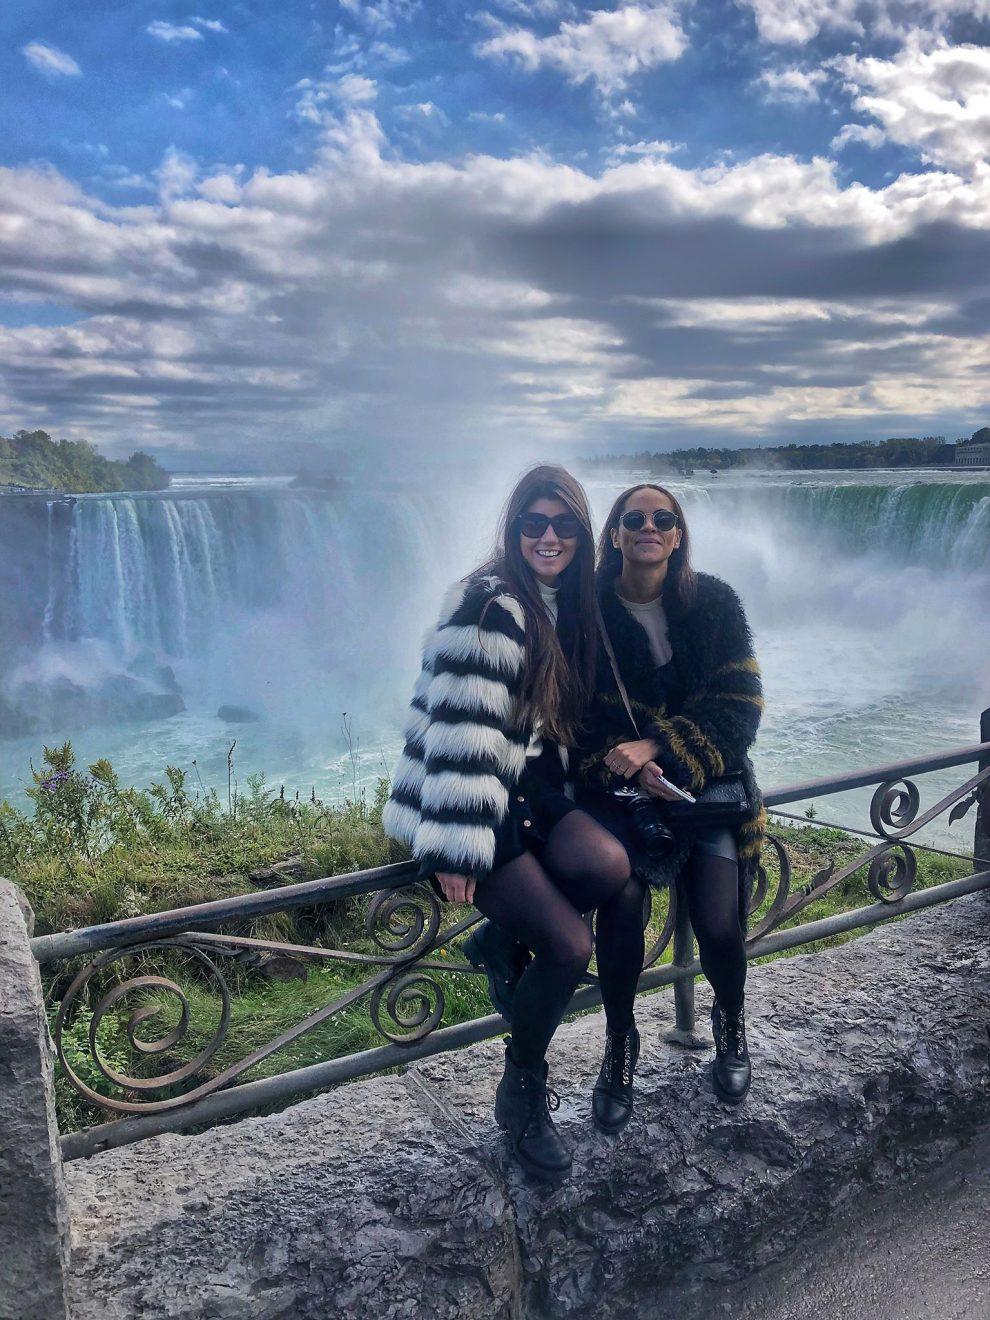 een bezoek aan de Niagara watervallen, tips. Amadine Hach Chloe Sterk Niagara Falls